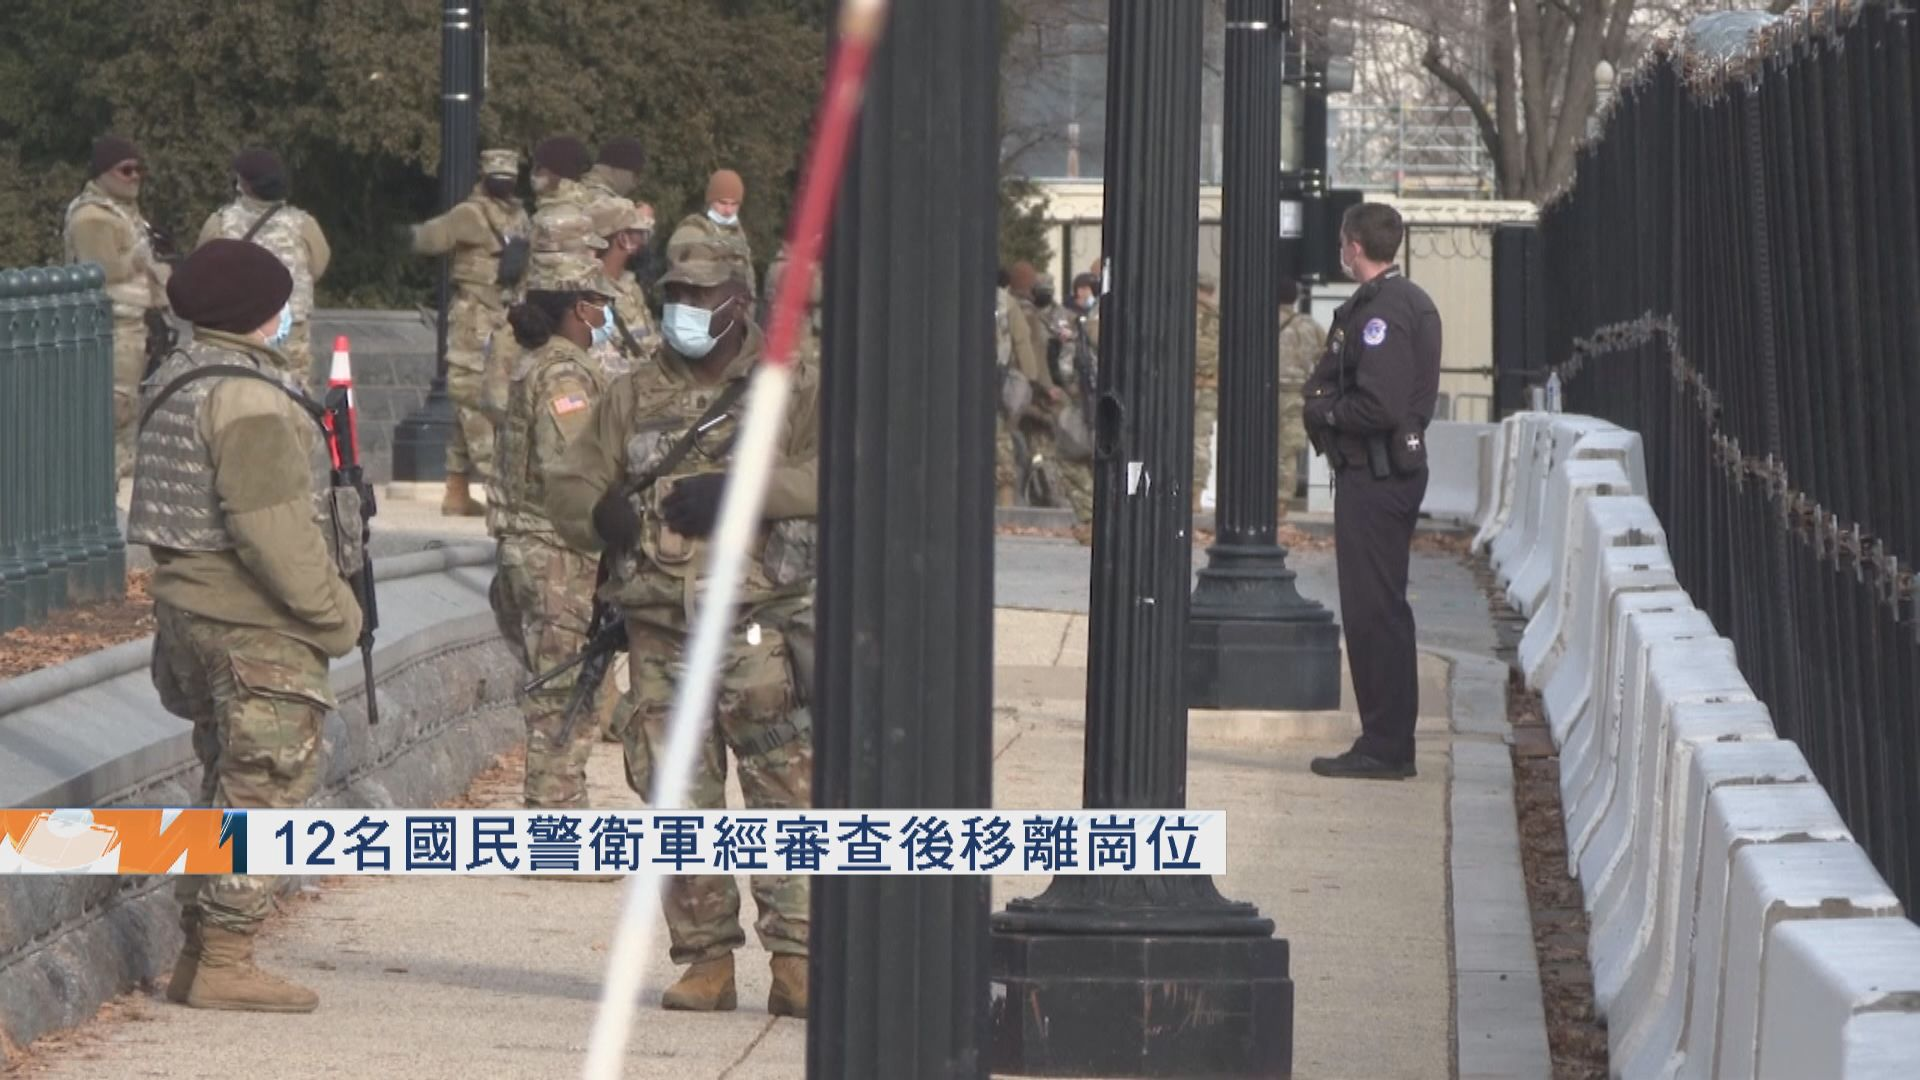 12名國民警衛軍經審查後移離崗位